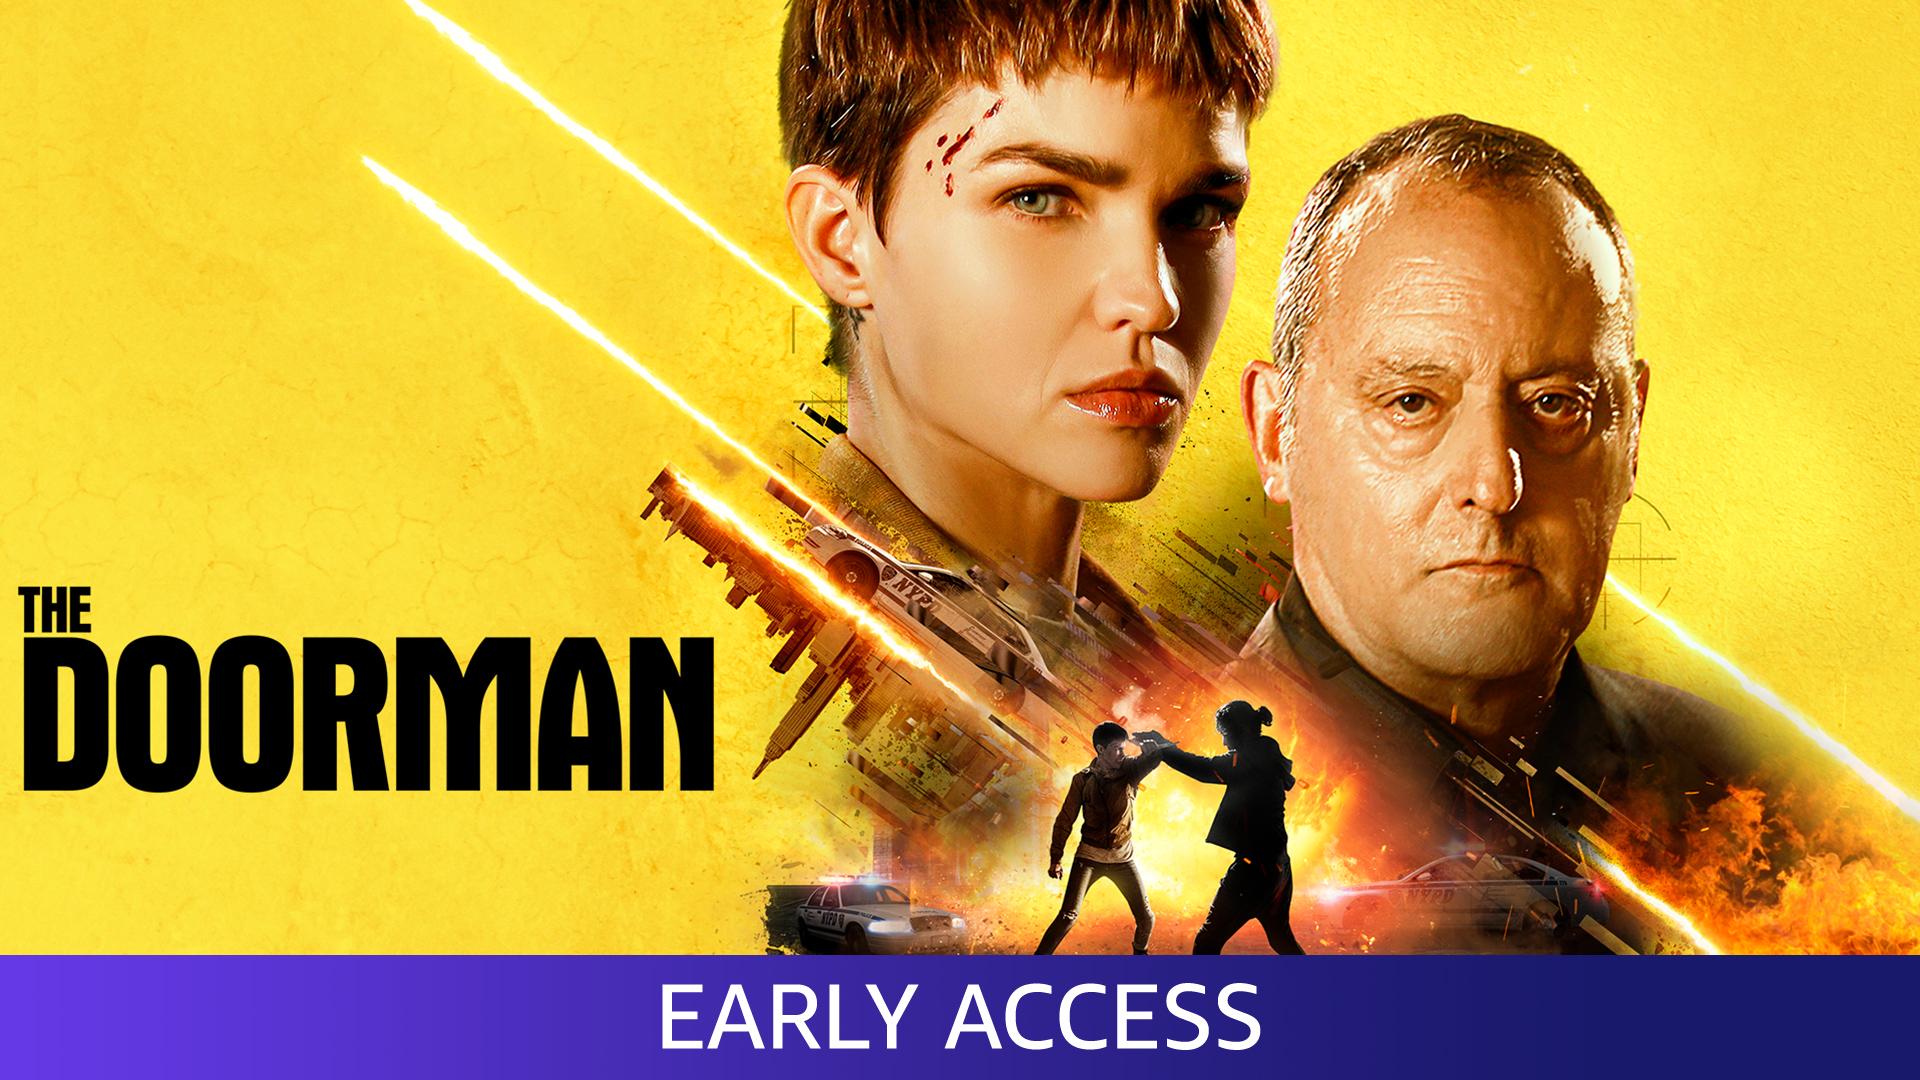 The Doorman (4K UHD)